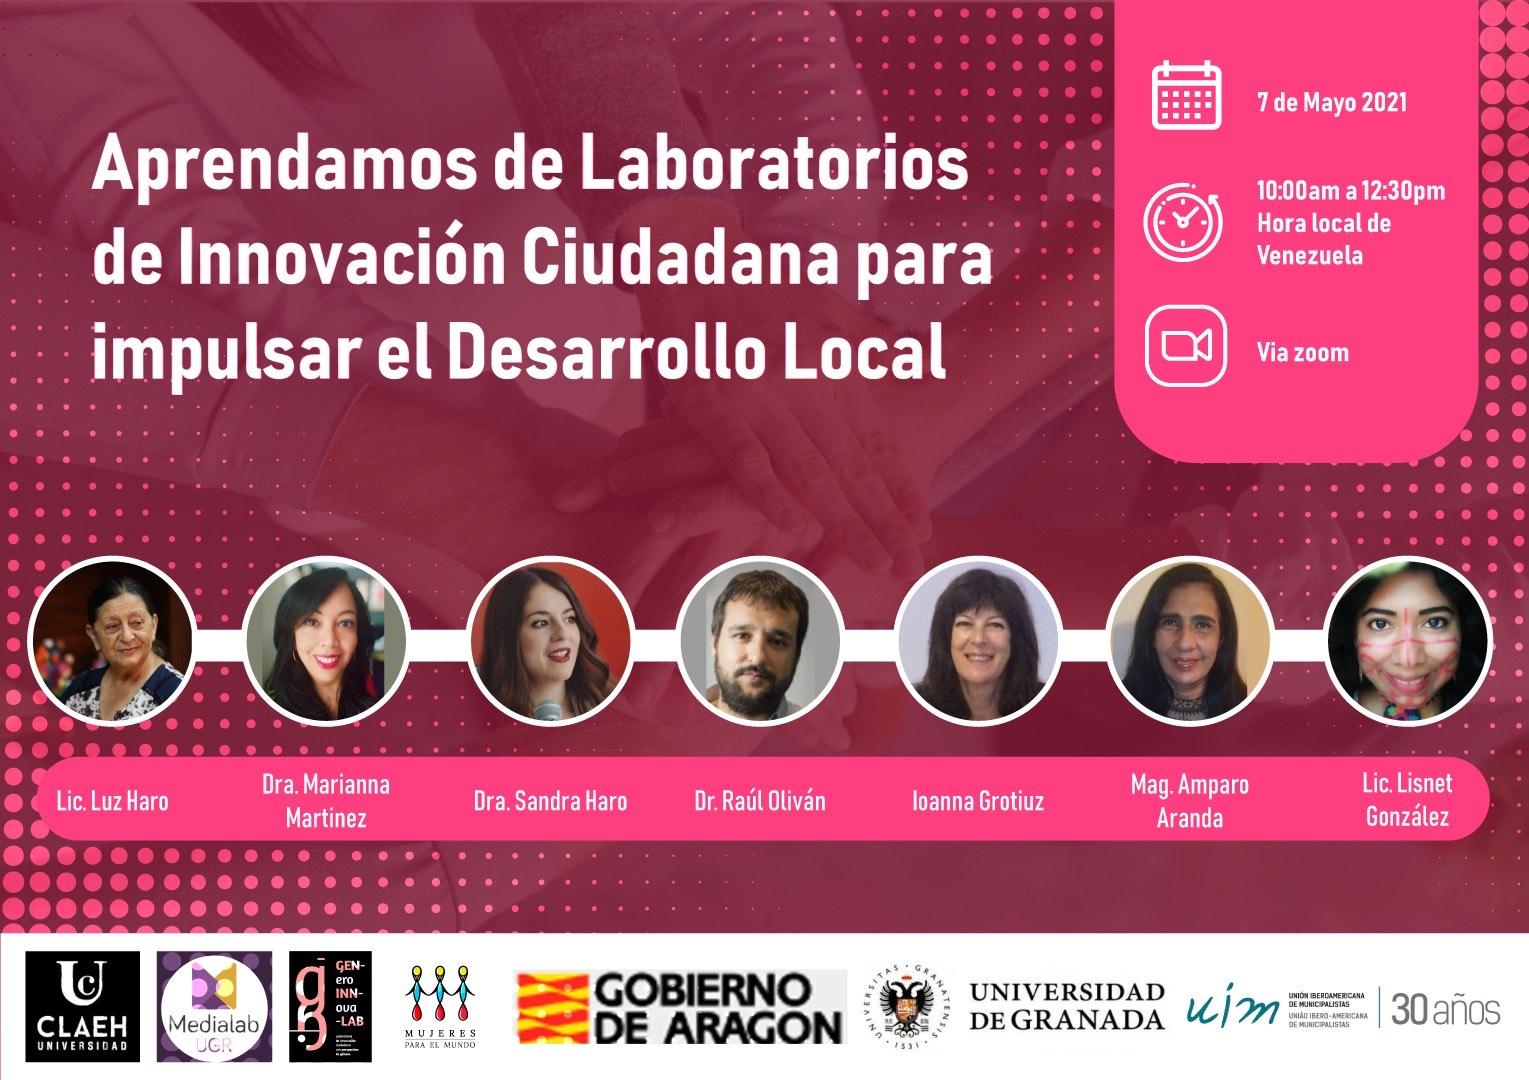 Aprendamos de Laboratorios de Innovación Ciudadana para impulsar el Desarrollo Local